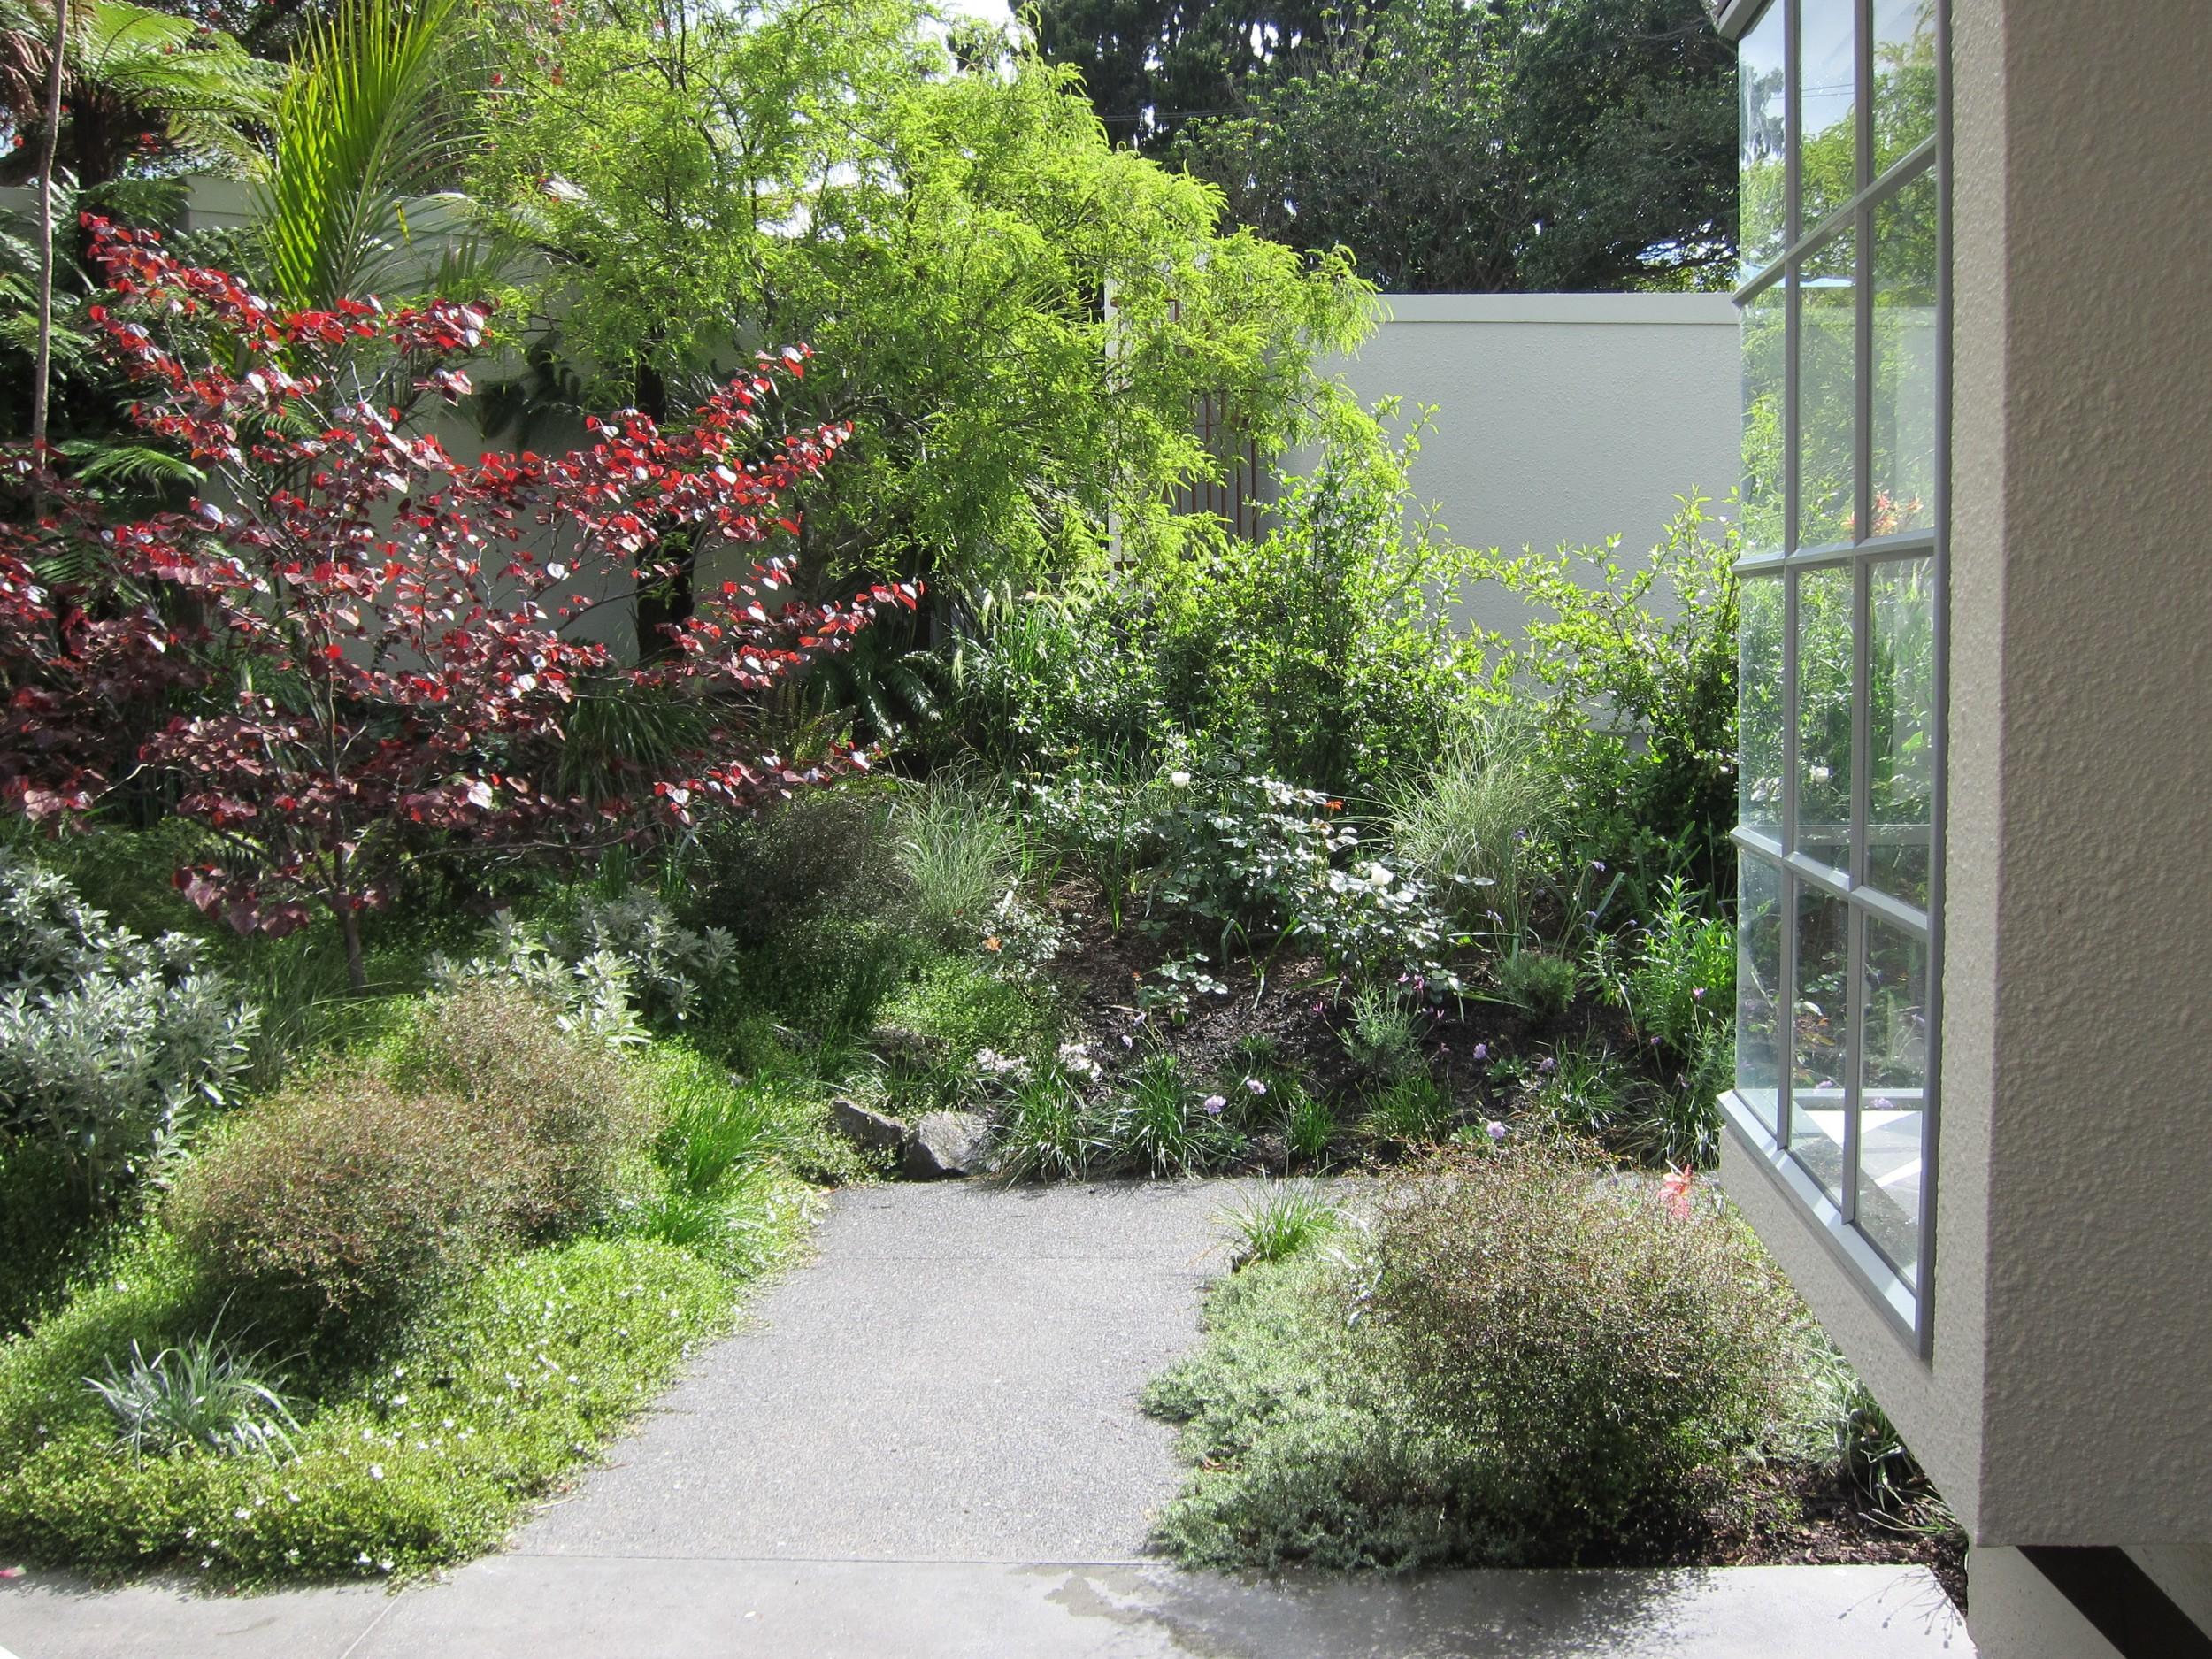 epsom-garden-2.jpg